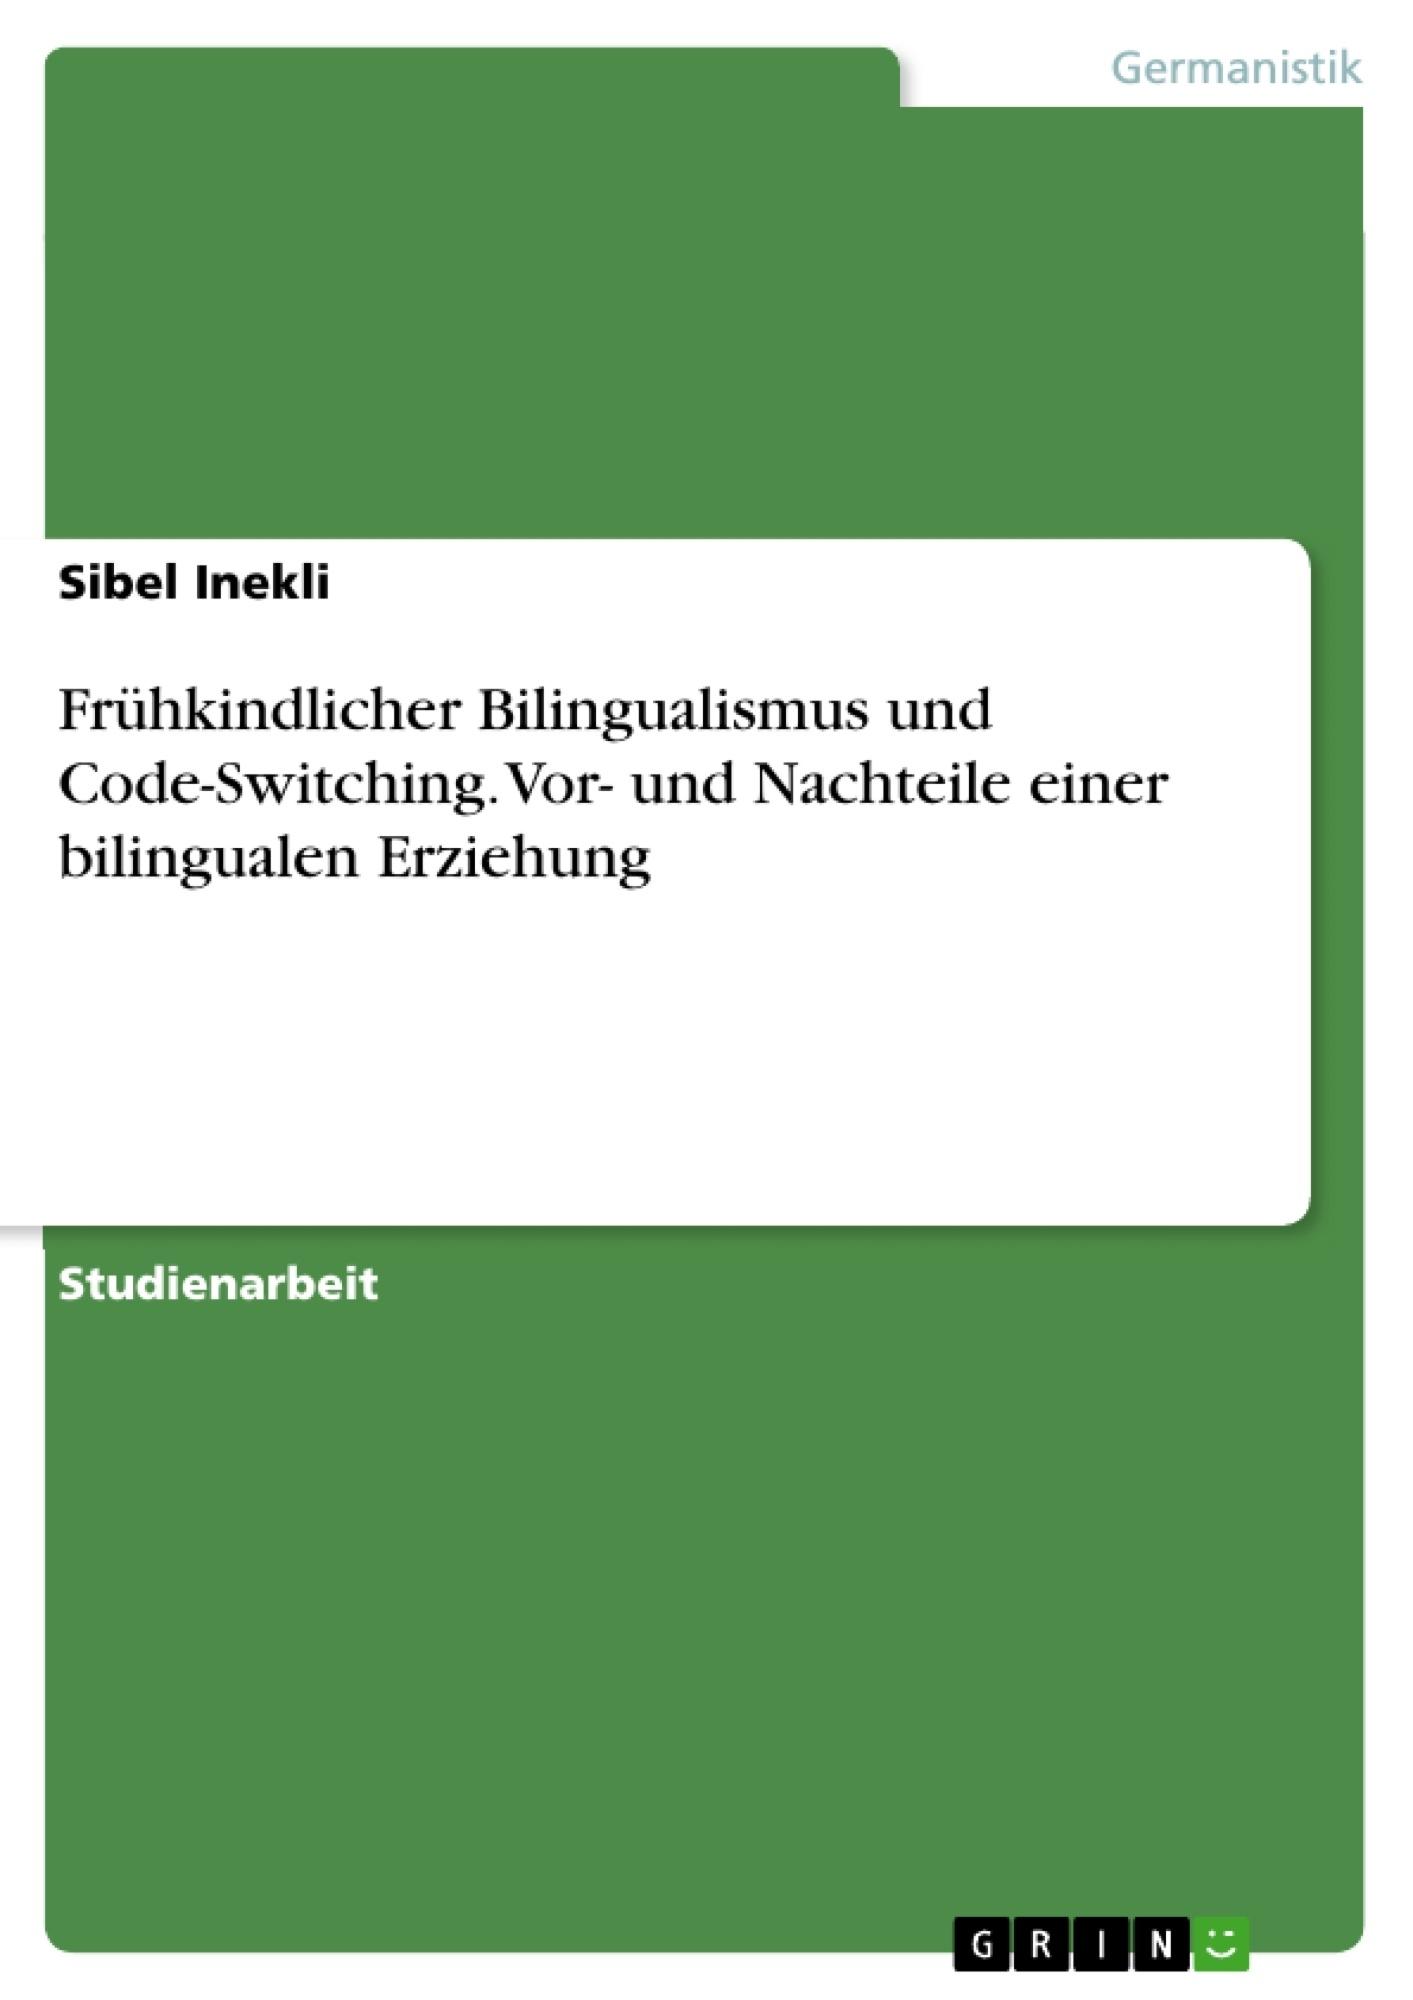 Titel: Frühkindlicher Bilingualismus und Code-Switching. Vor- und Nachteile einer bilingualen Erziehung